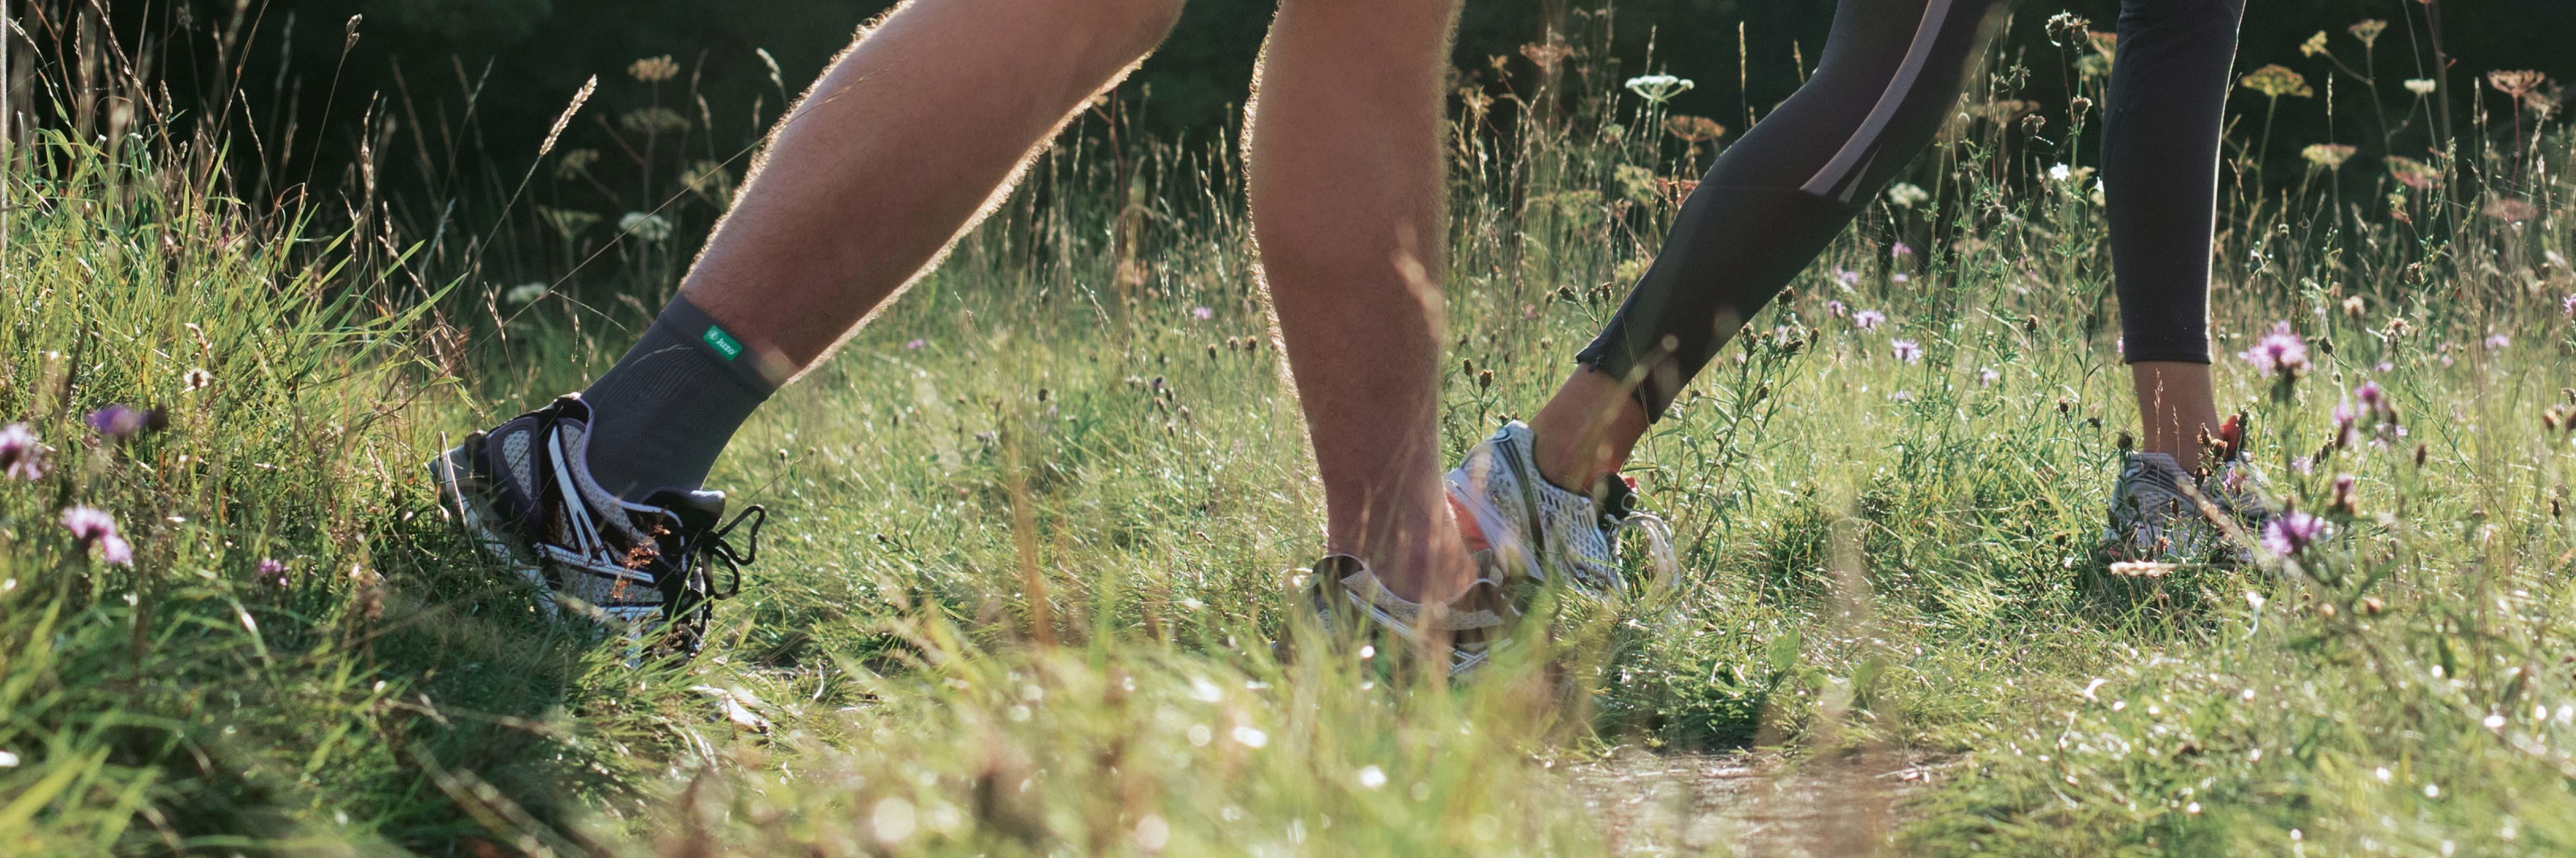 Homem a fazer jogging num relvado